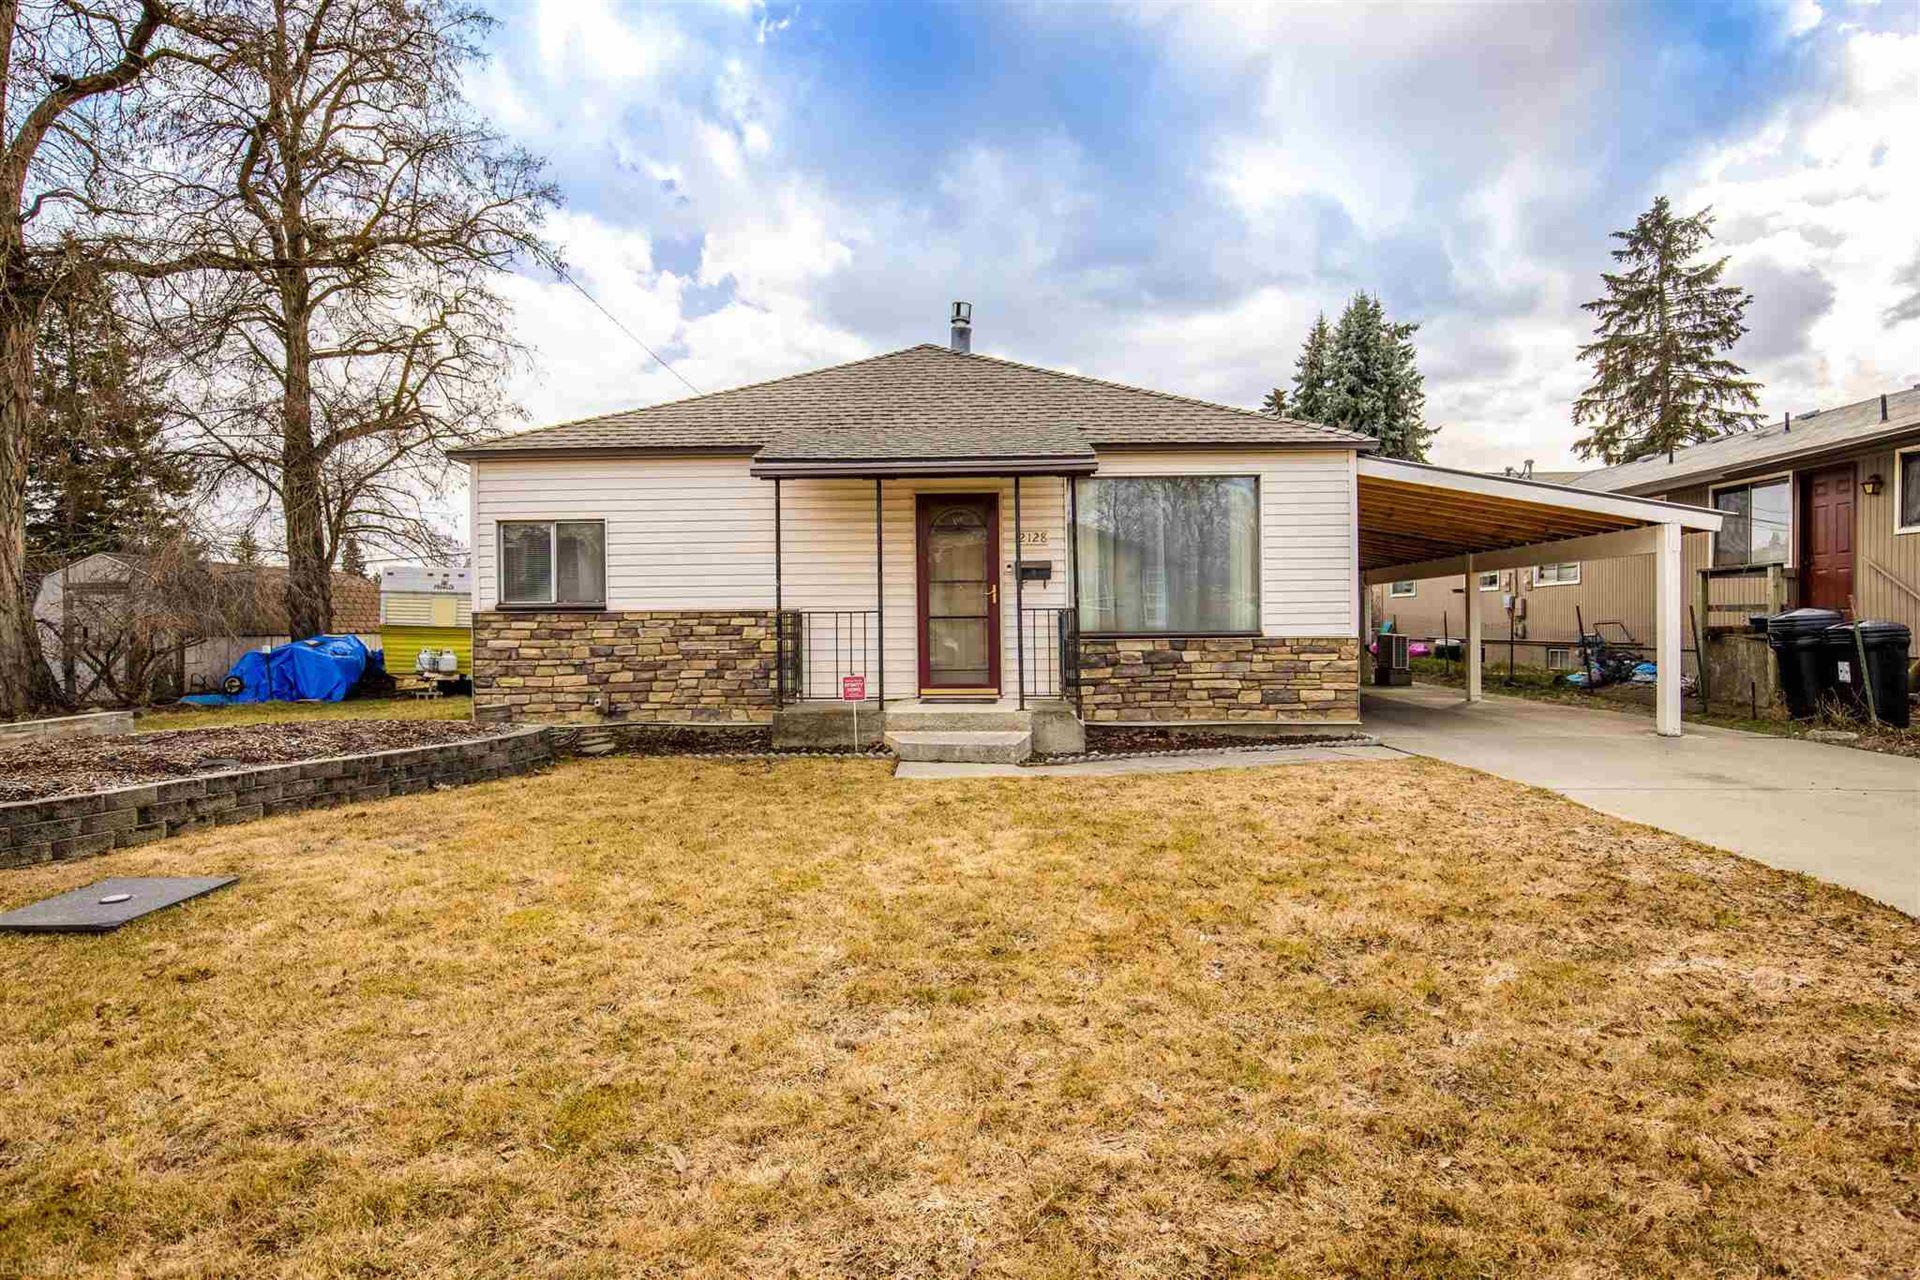 2128 E Dalke Ave, Spokane, WA 99208 - #: 202112421